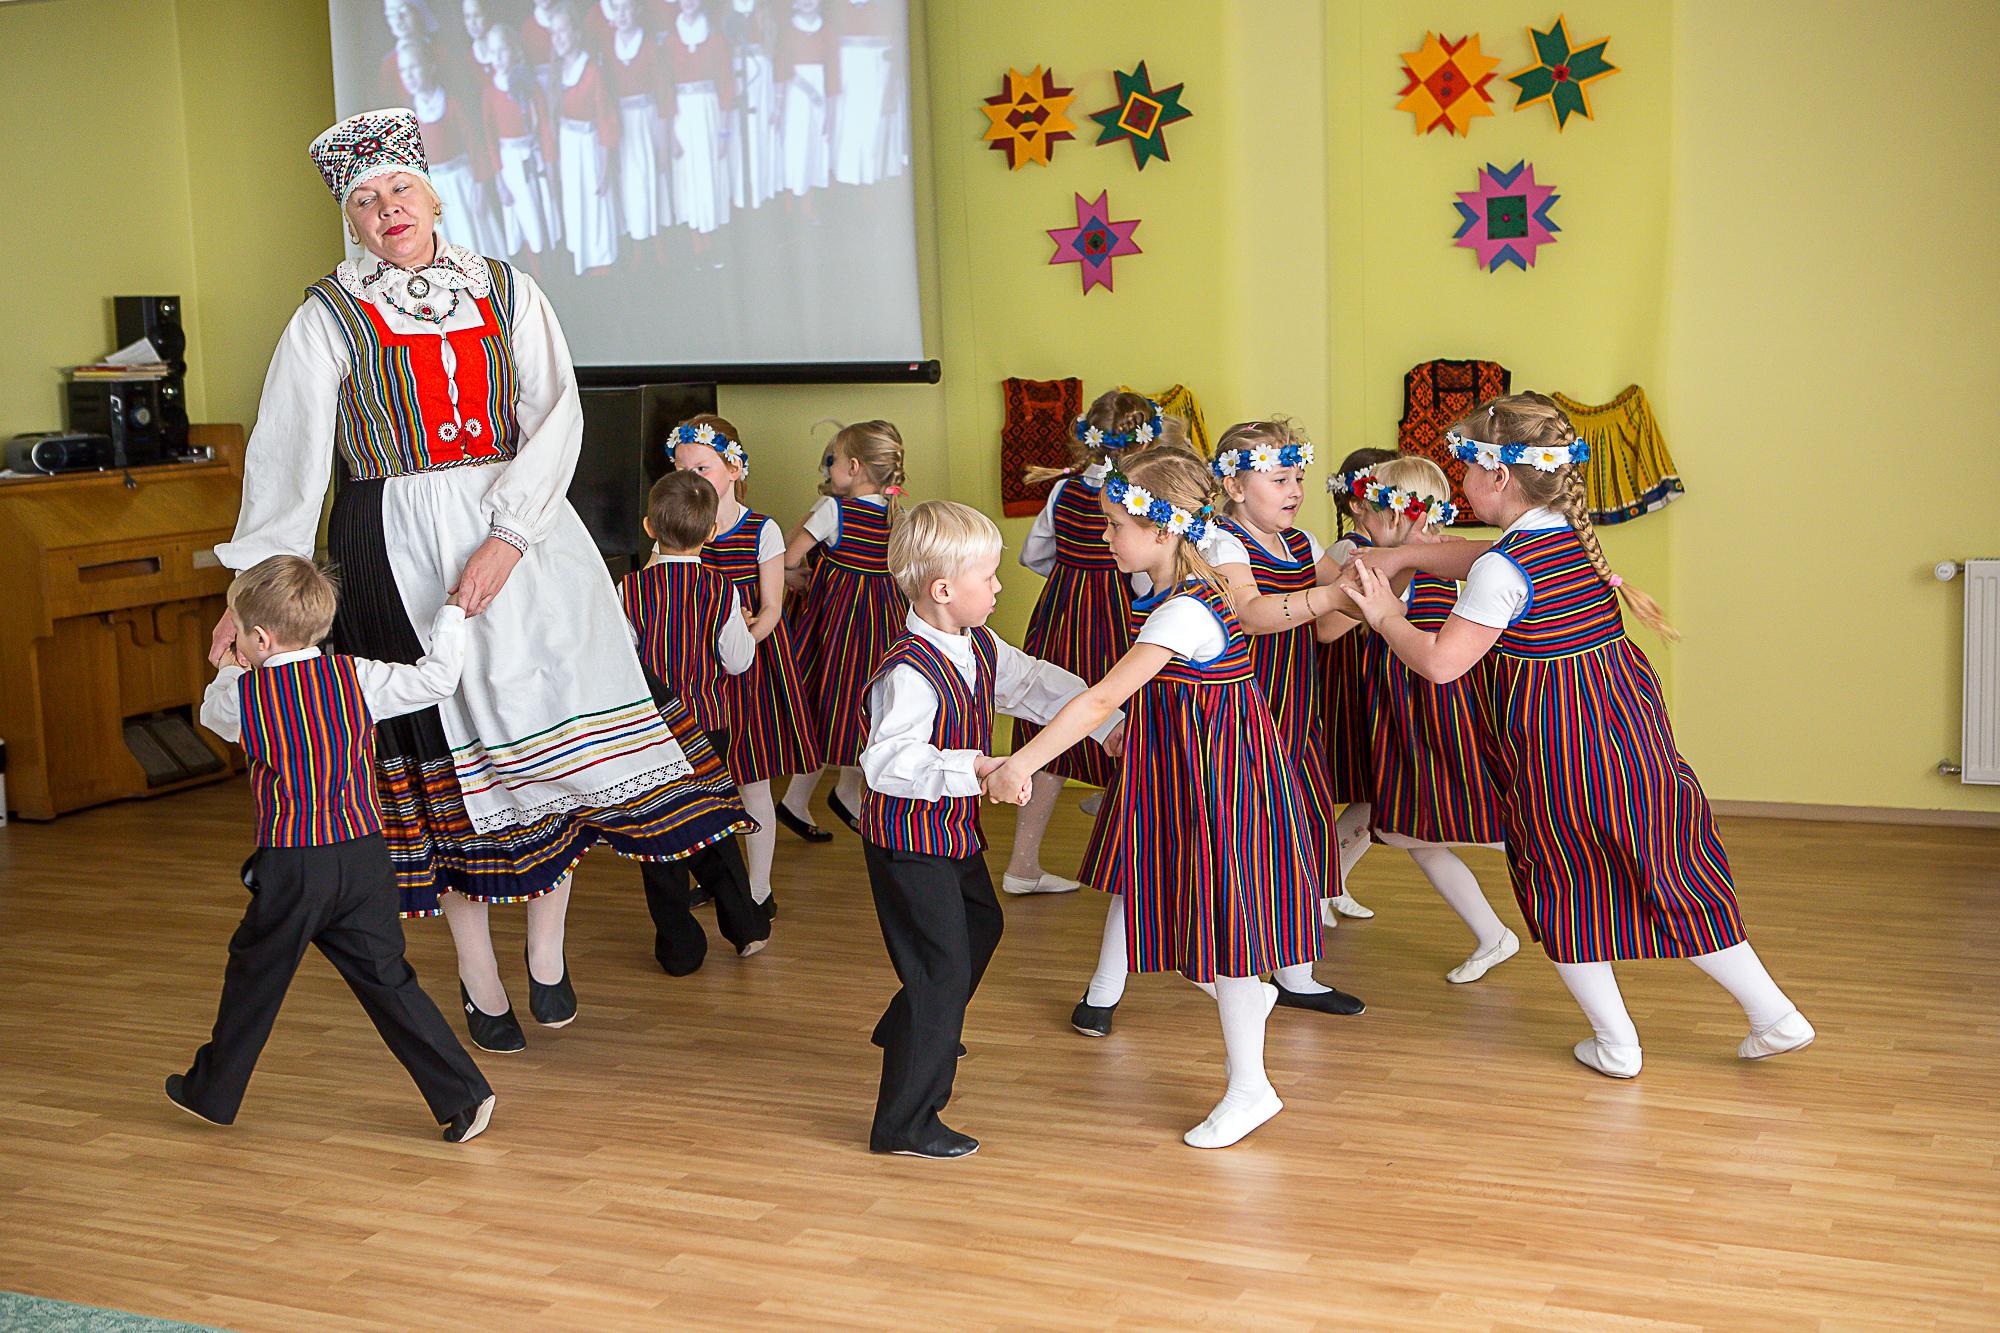 """""""Aga meil oli ju rohkem tantse kui üks,"""" teatas lapsehääl Orissaare lasteaia Päikesekiir saalis rahvusvahelisel tantsupäeval pärast esinemist. Orissaare lasteaias tähistati rahvusvahelist tantsupäeva kontserdiga, kus esinesid nii lapsed ise kui […]"""